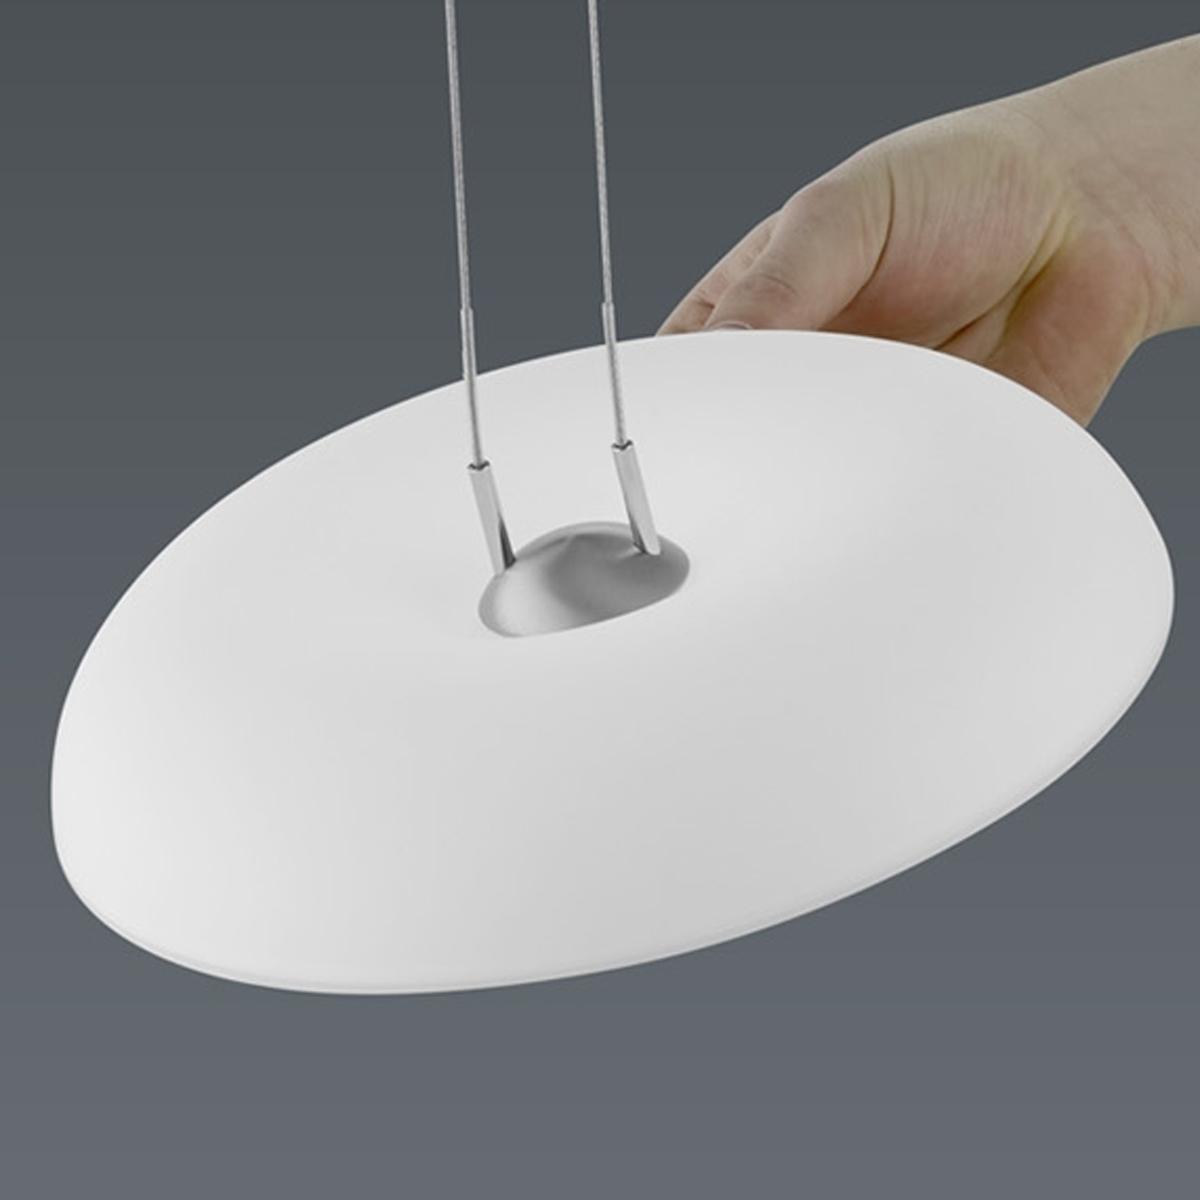 BANKAMP Leuchtenmanufaktur Artikel von BANKAMP Leuchtenmanufaktur LED-Pendelleuchte Vanity zur Strada 2144/1-92